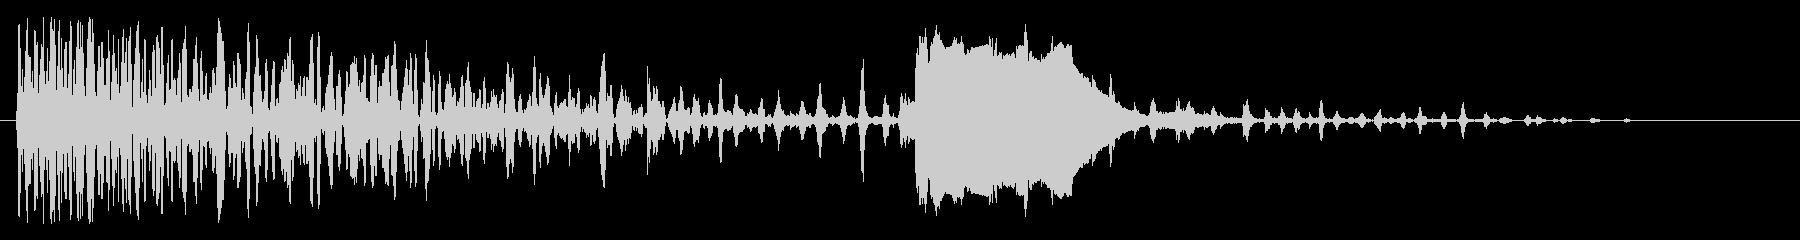 ドン コロコロパオン(コミカルな爆発音)の未再生の波形